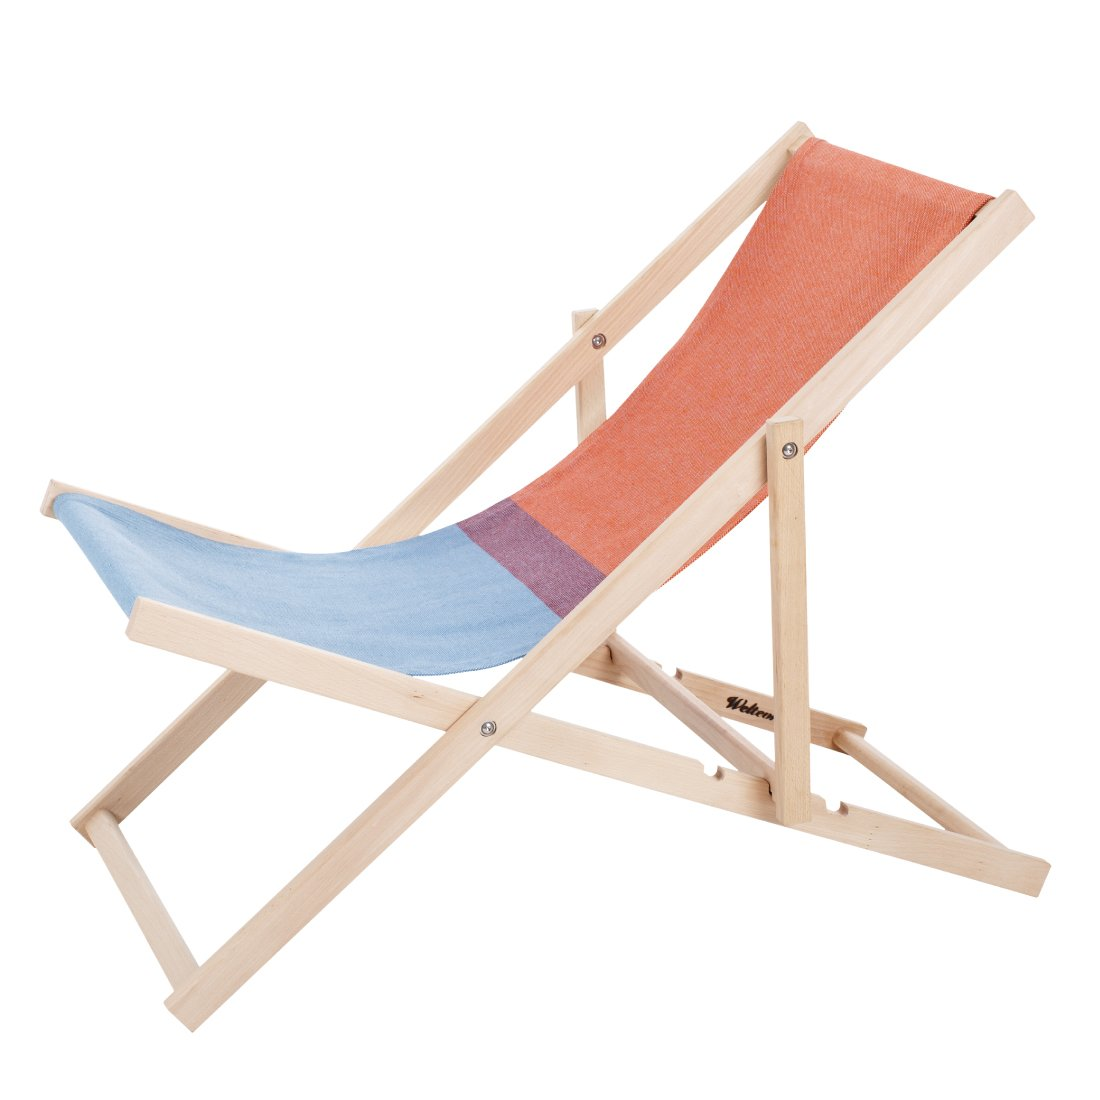 Weltevree Beach Chair Strandstoel Rood/Blauw